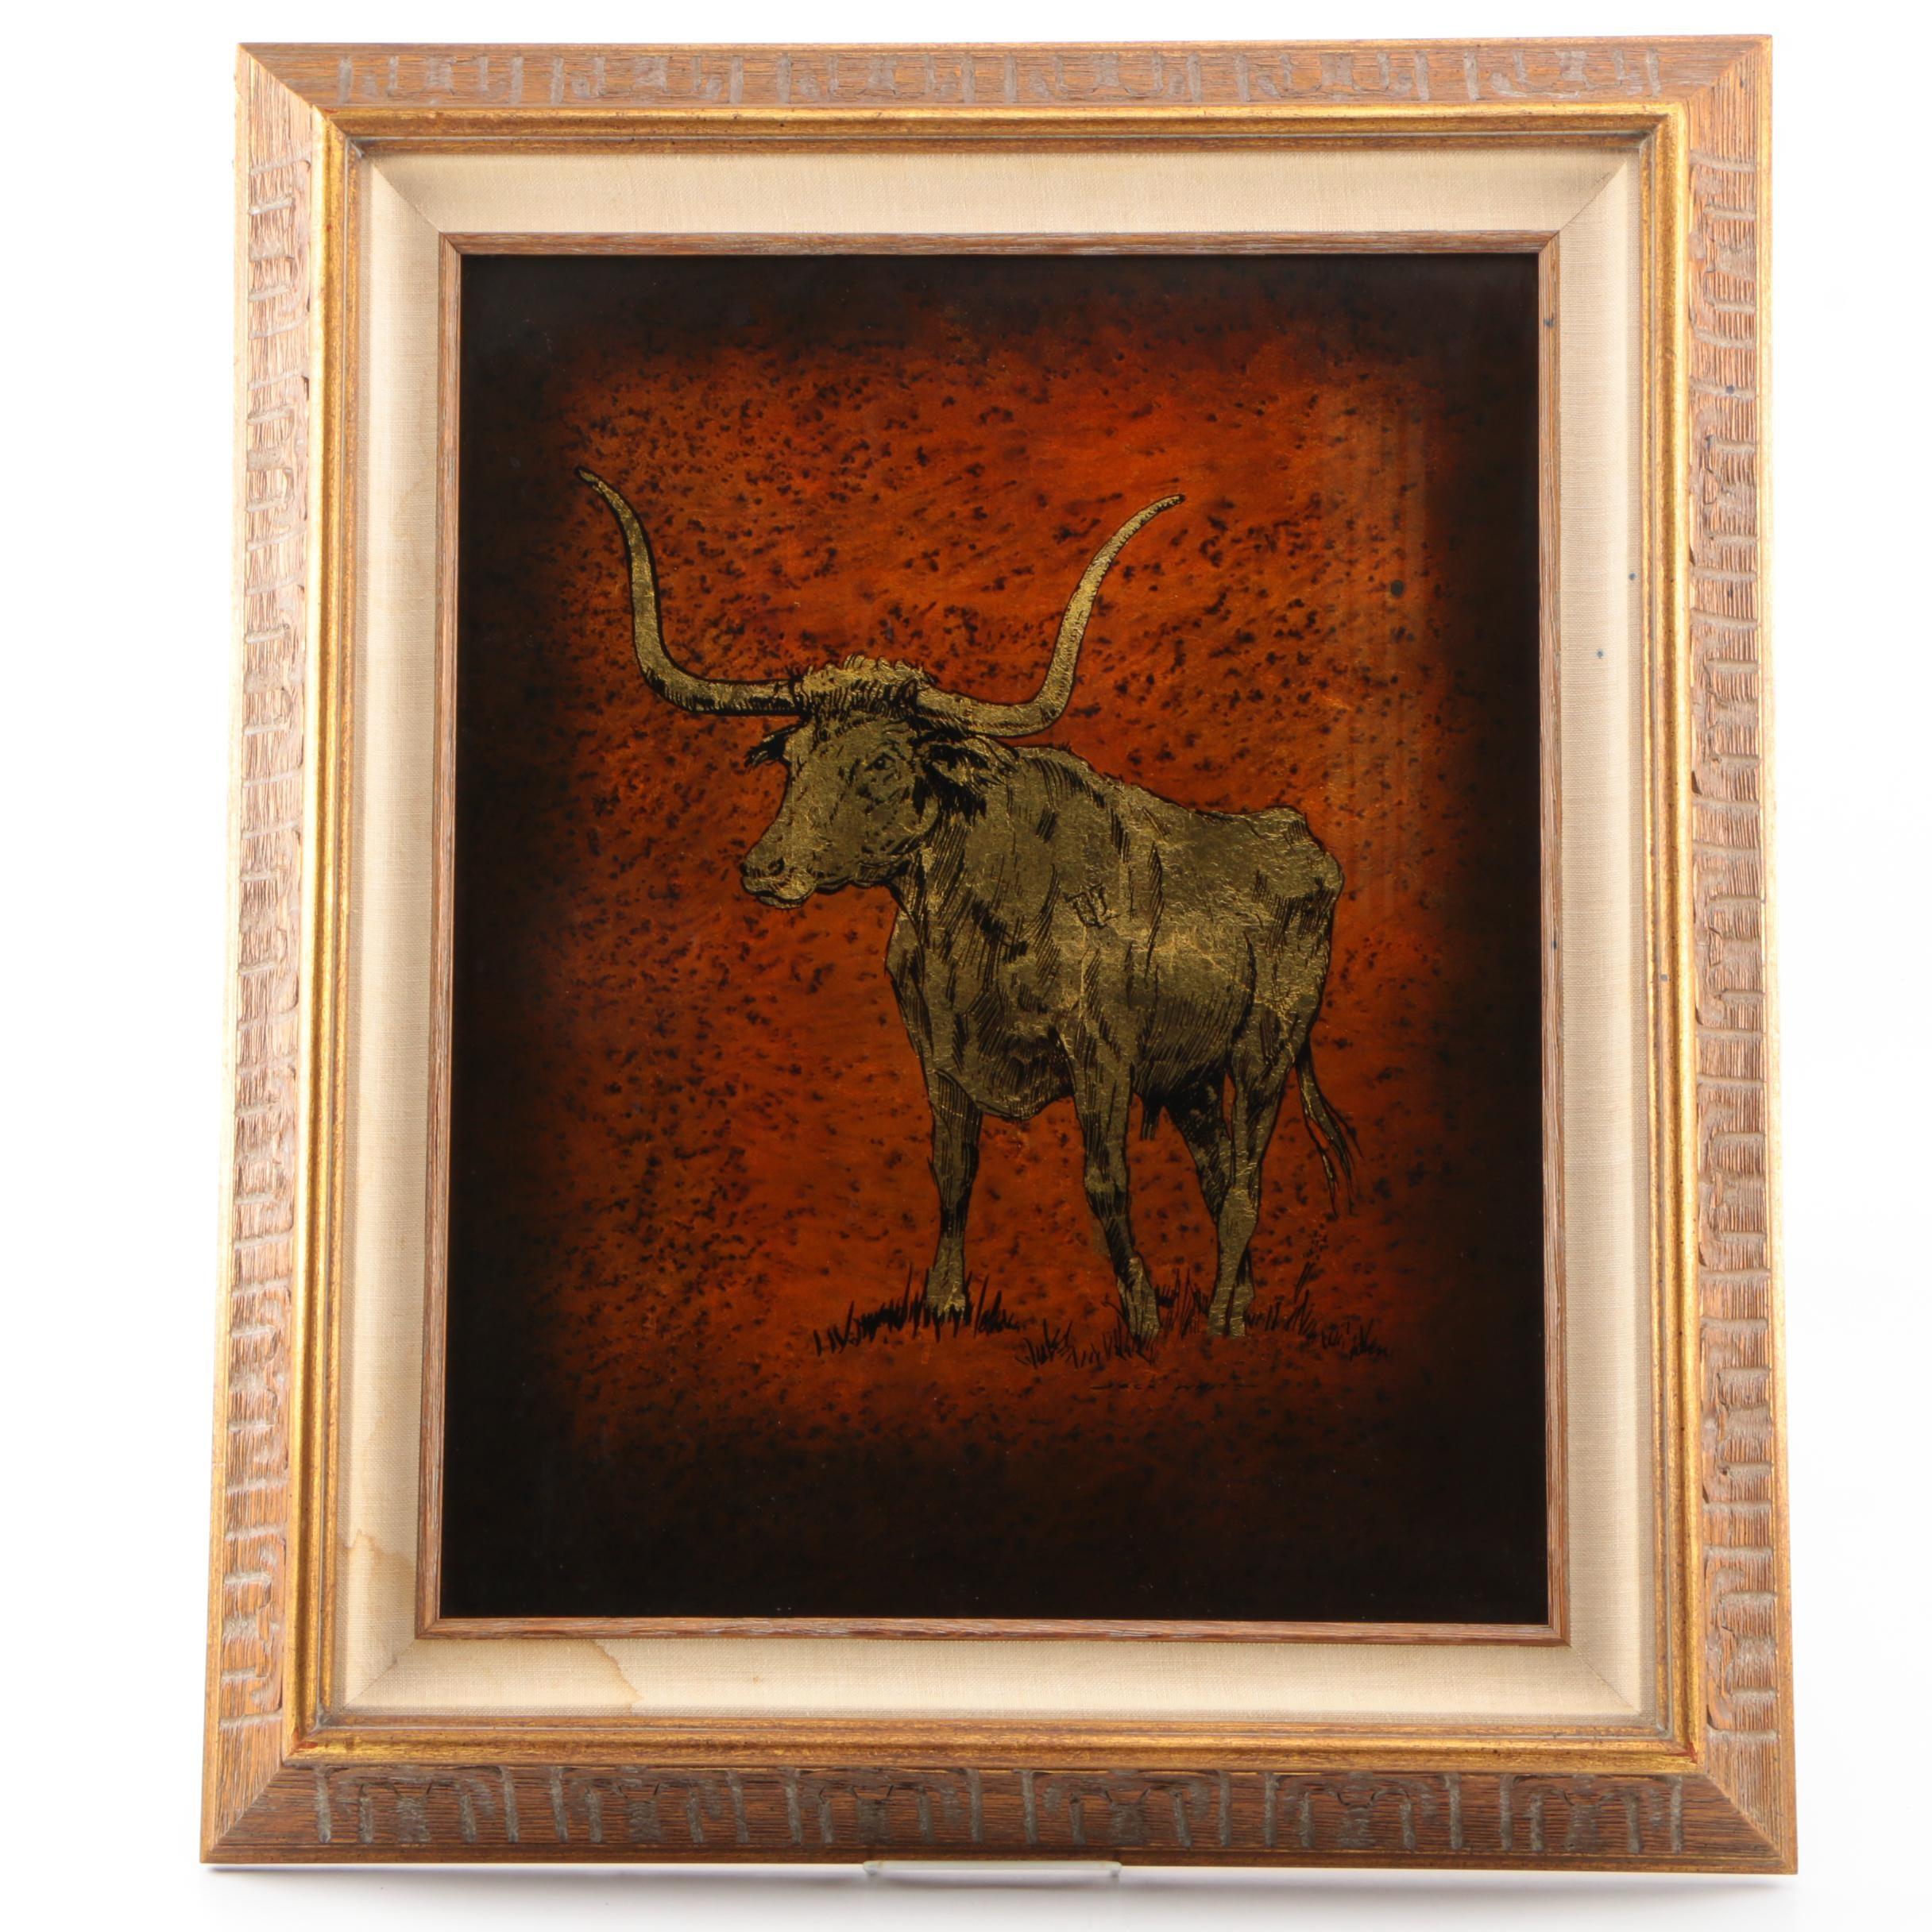 Serigraph on Glass of Longhorn Bull